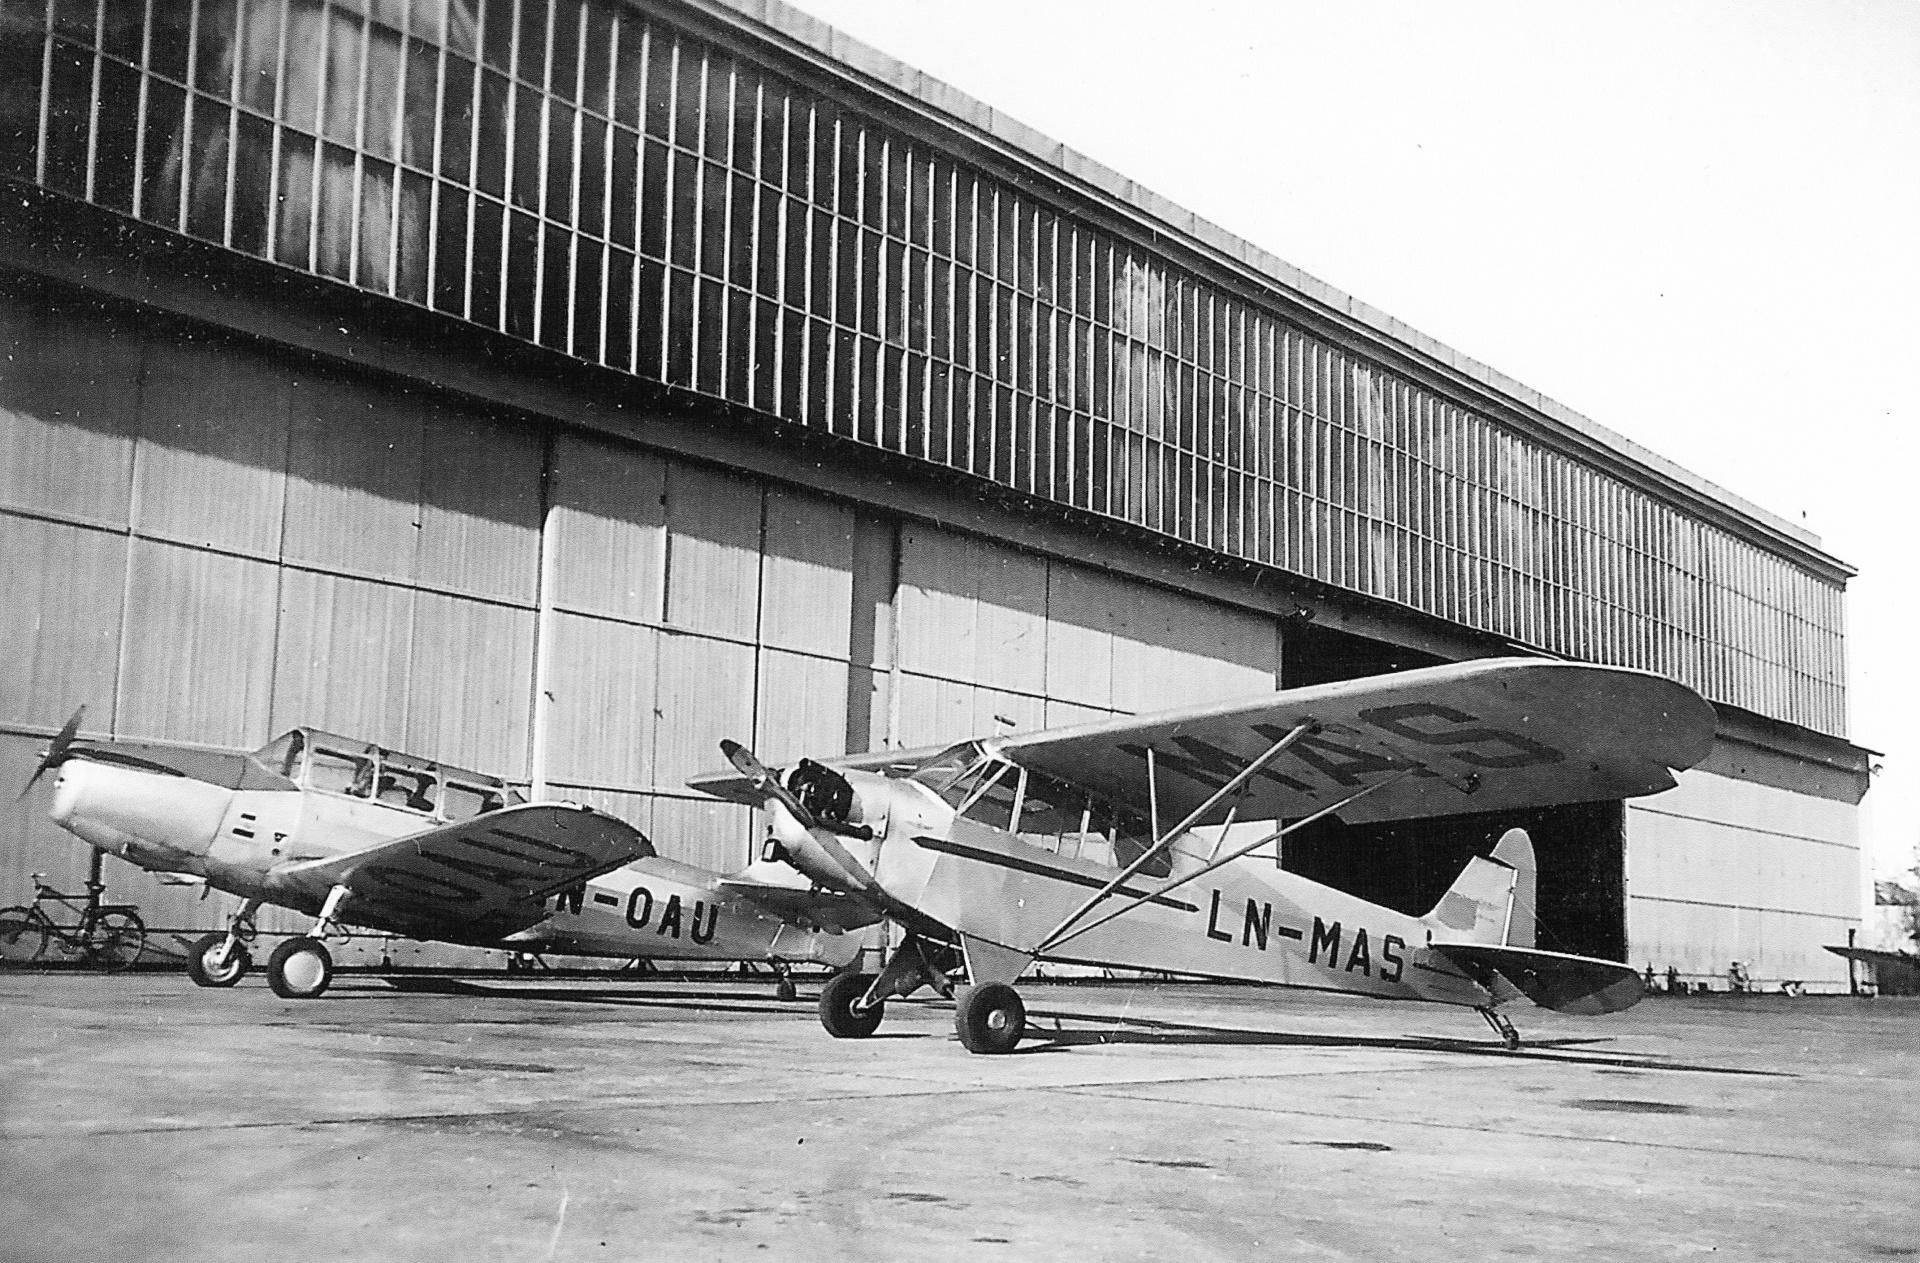 Bardufoss flyklubb LN-MAS og LN-OAU